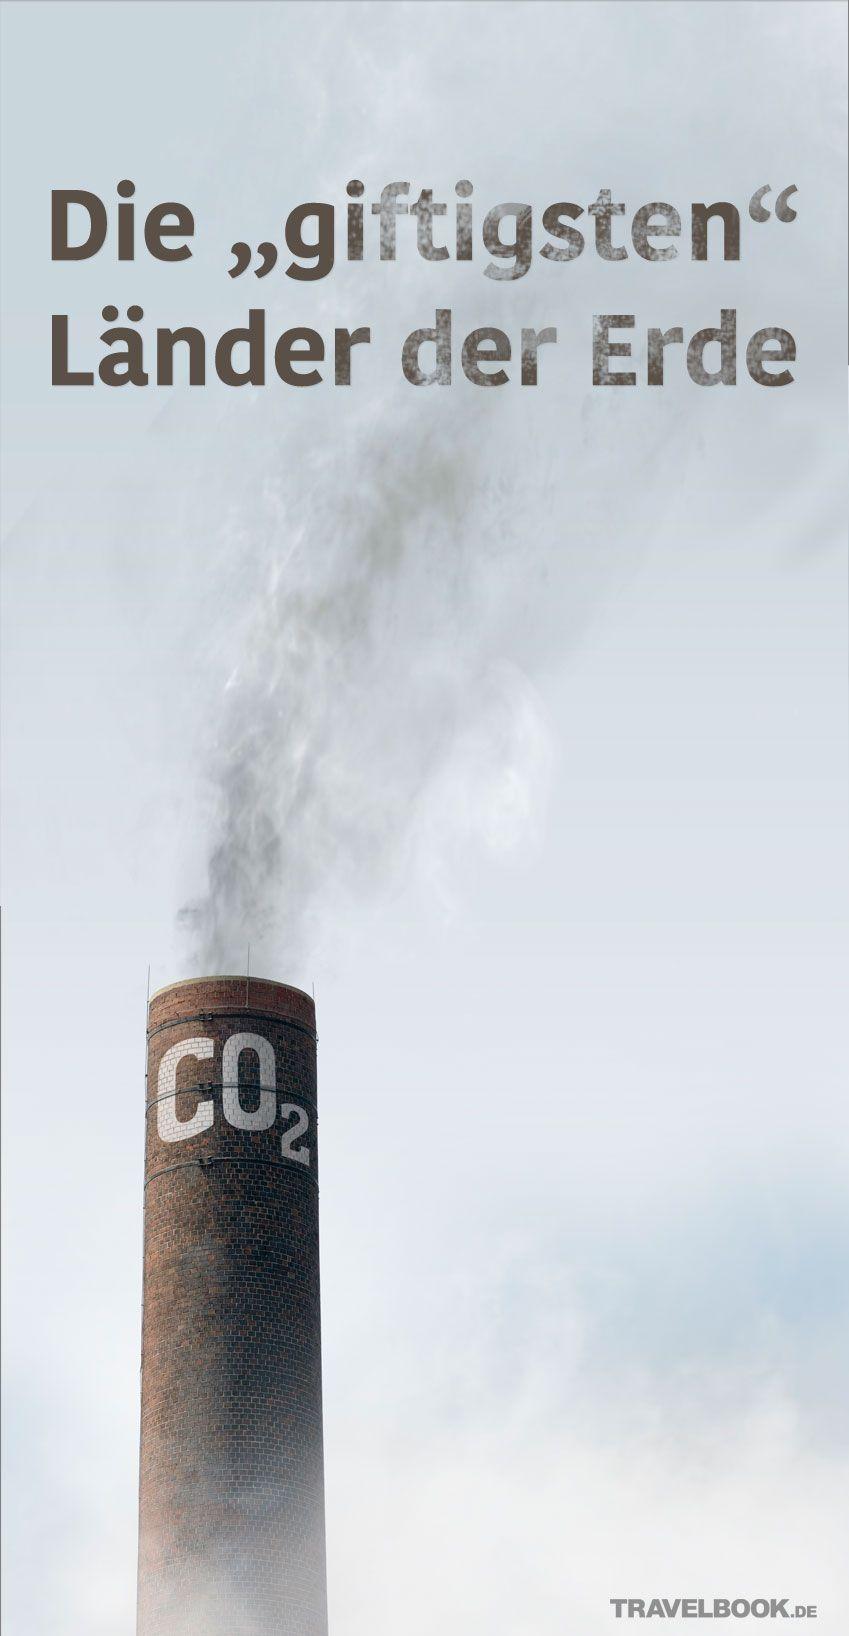 """Welches Land pustet wie viel CO2 in die Luft? Wer investiert in erneuerbare Energien? Eine Weltkarte zeigt die """"giftigsten"""" und auch die saubersten Länder der Welt."""